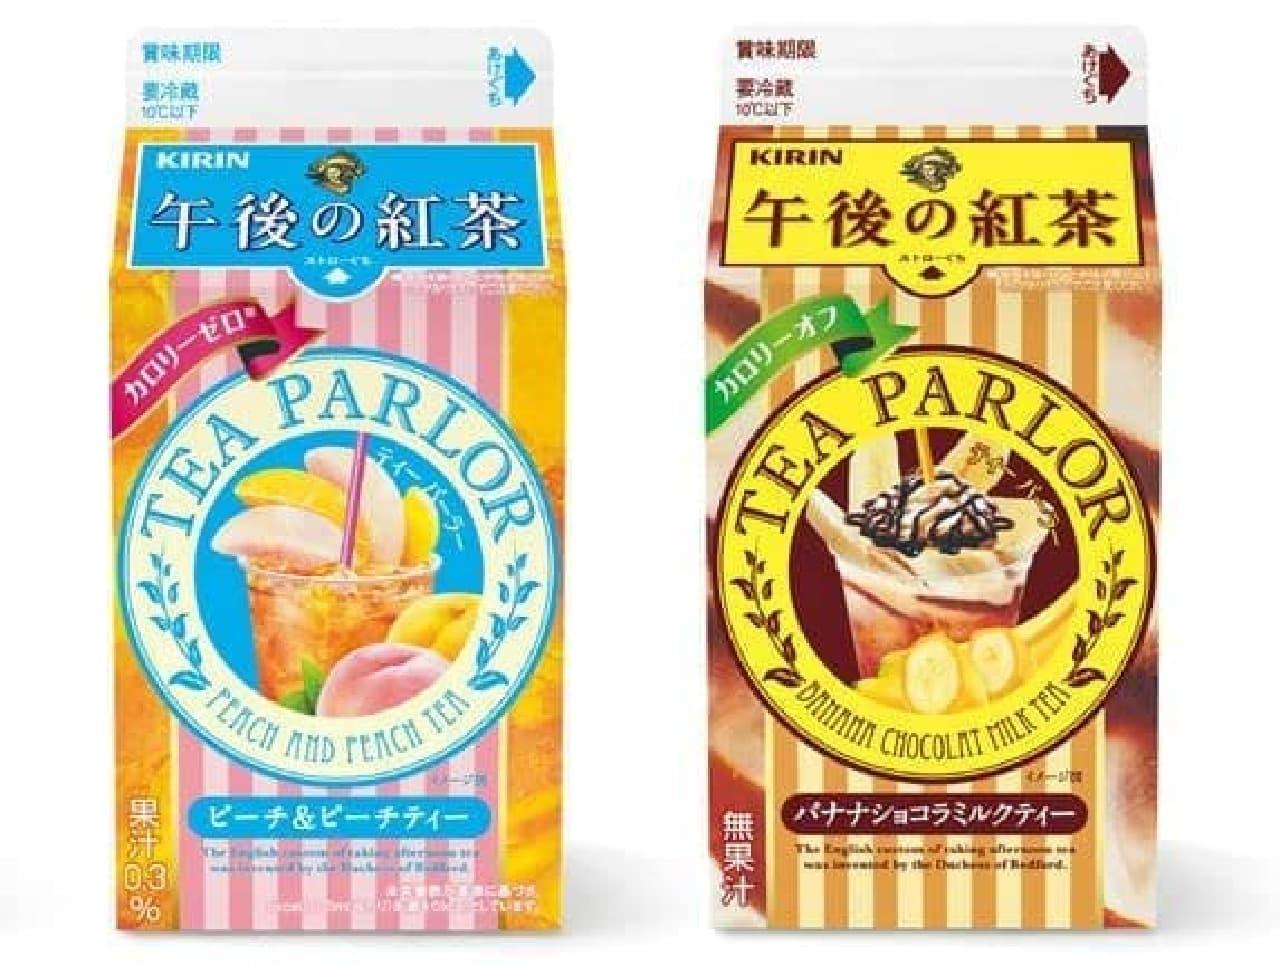 左:ピーチ&ピーチティー  右:バナナショコラミルクティー